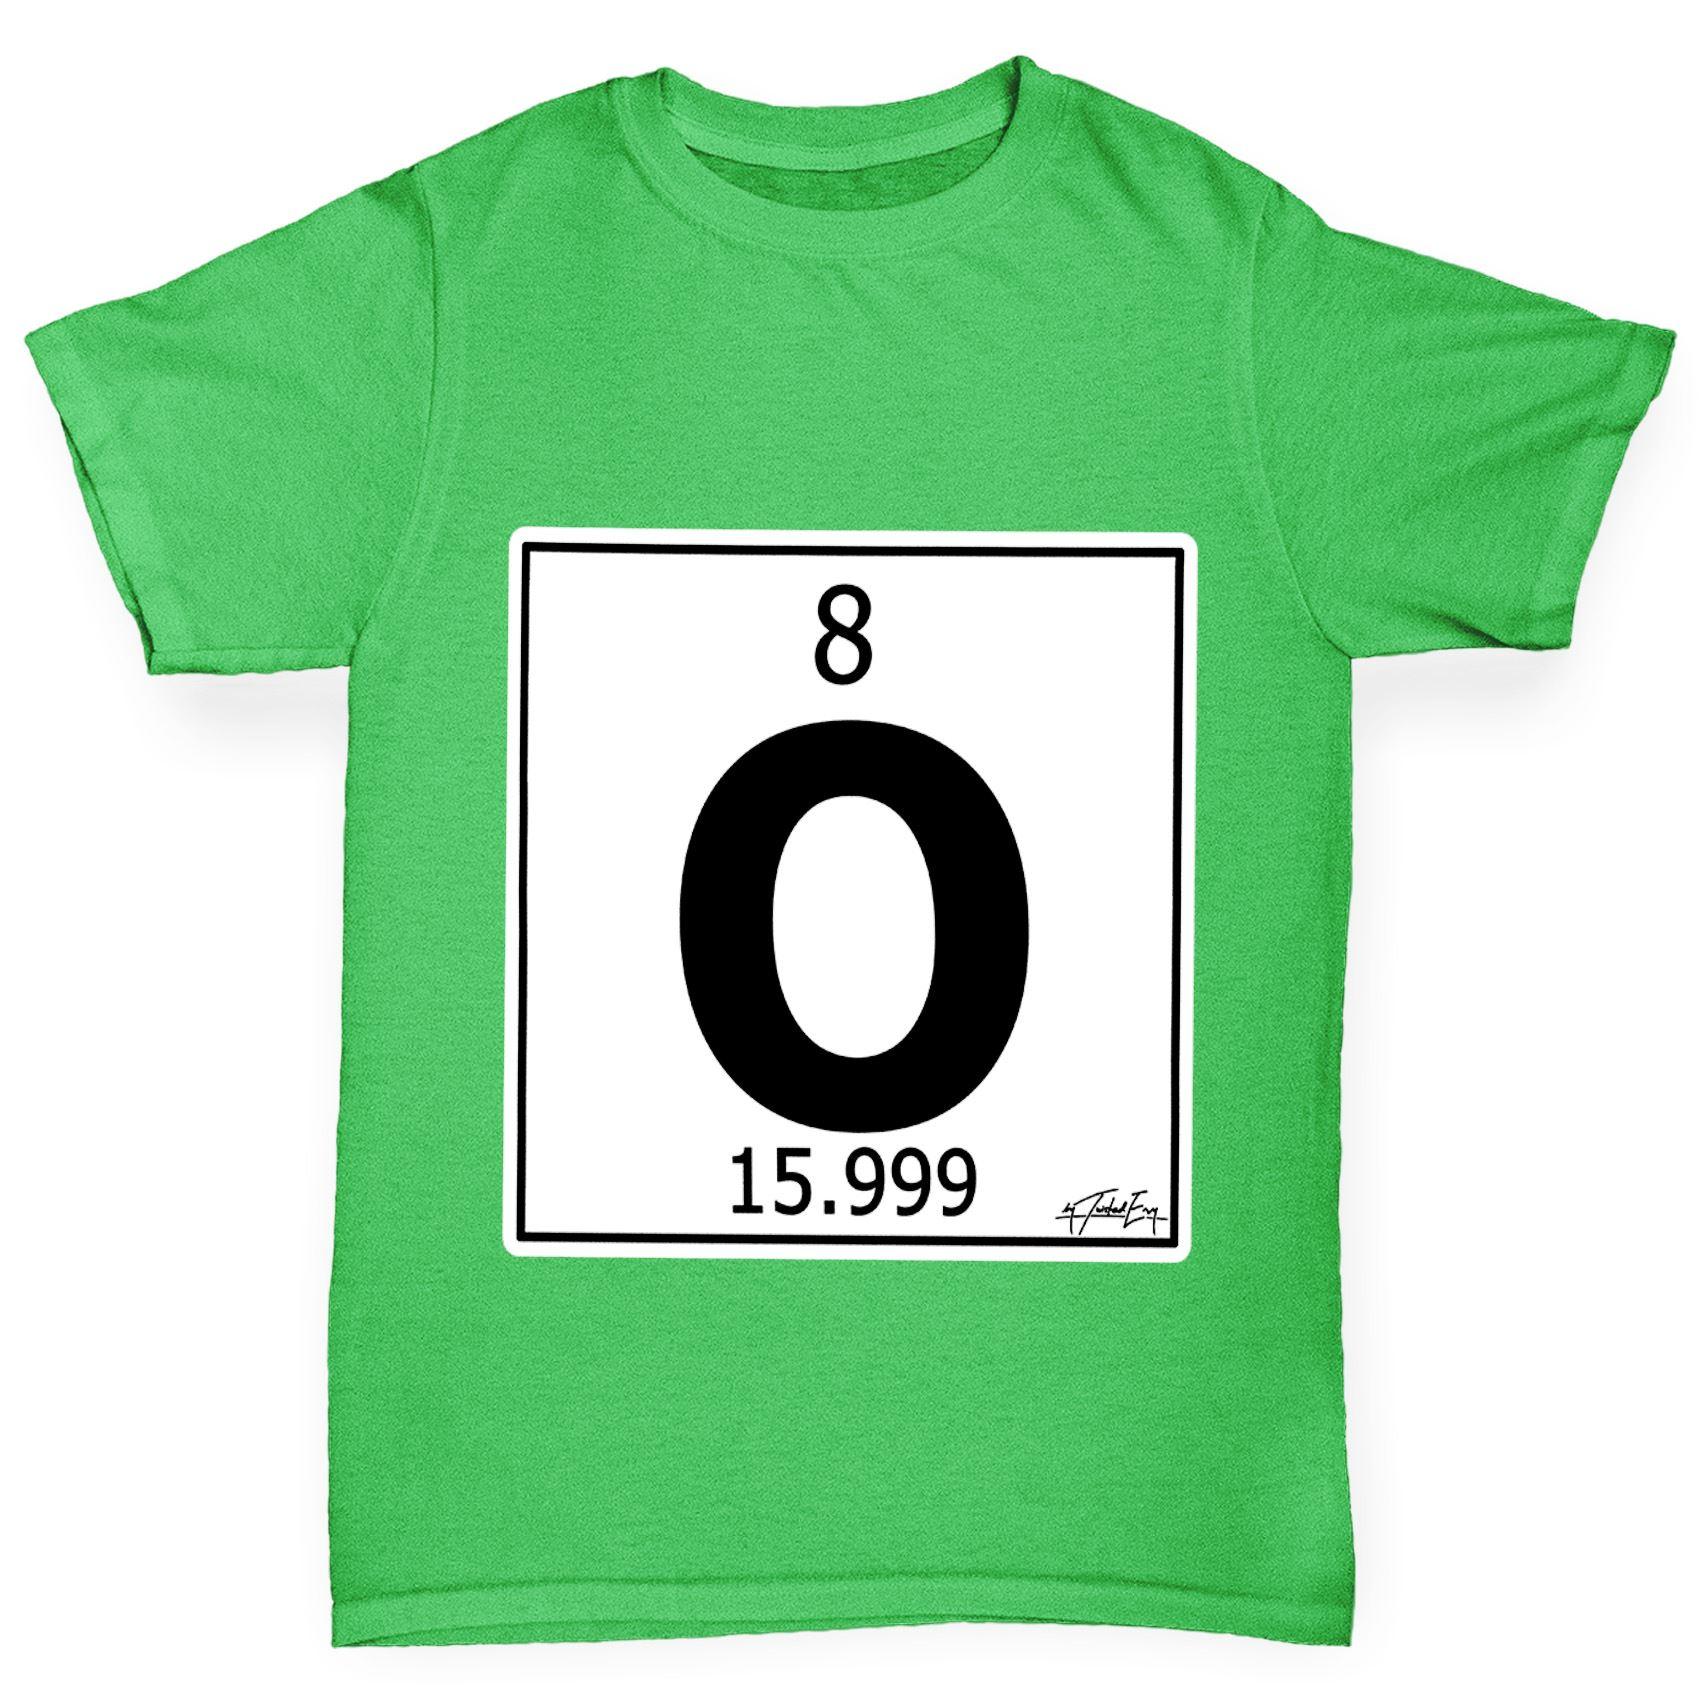 Twisted envy boys periodic table element o oxygen t shirt ebay twisted envy boy 039 s periodic table element buycottarizona Choice Image